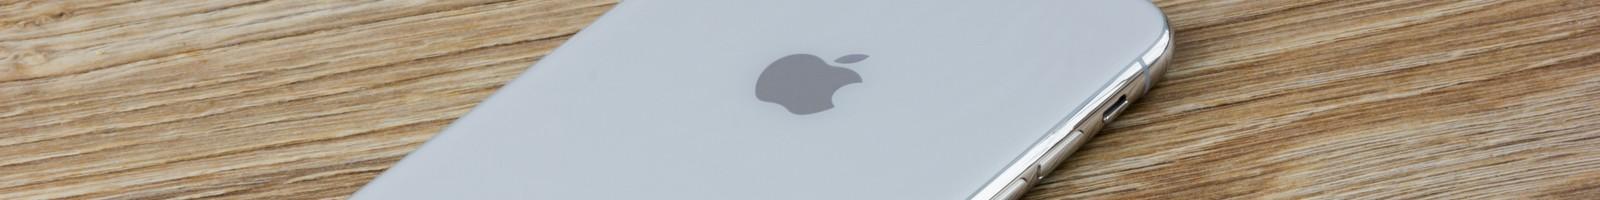 L'iPhone 11 propose un meilleur cadrage des photos grâce à son module ultra grand-angle